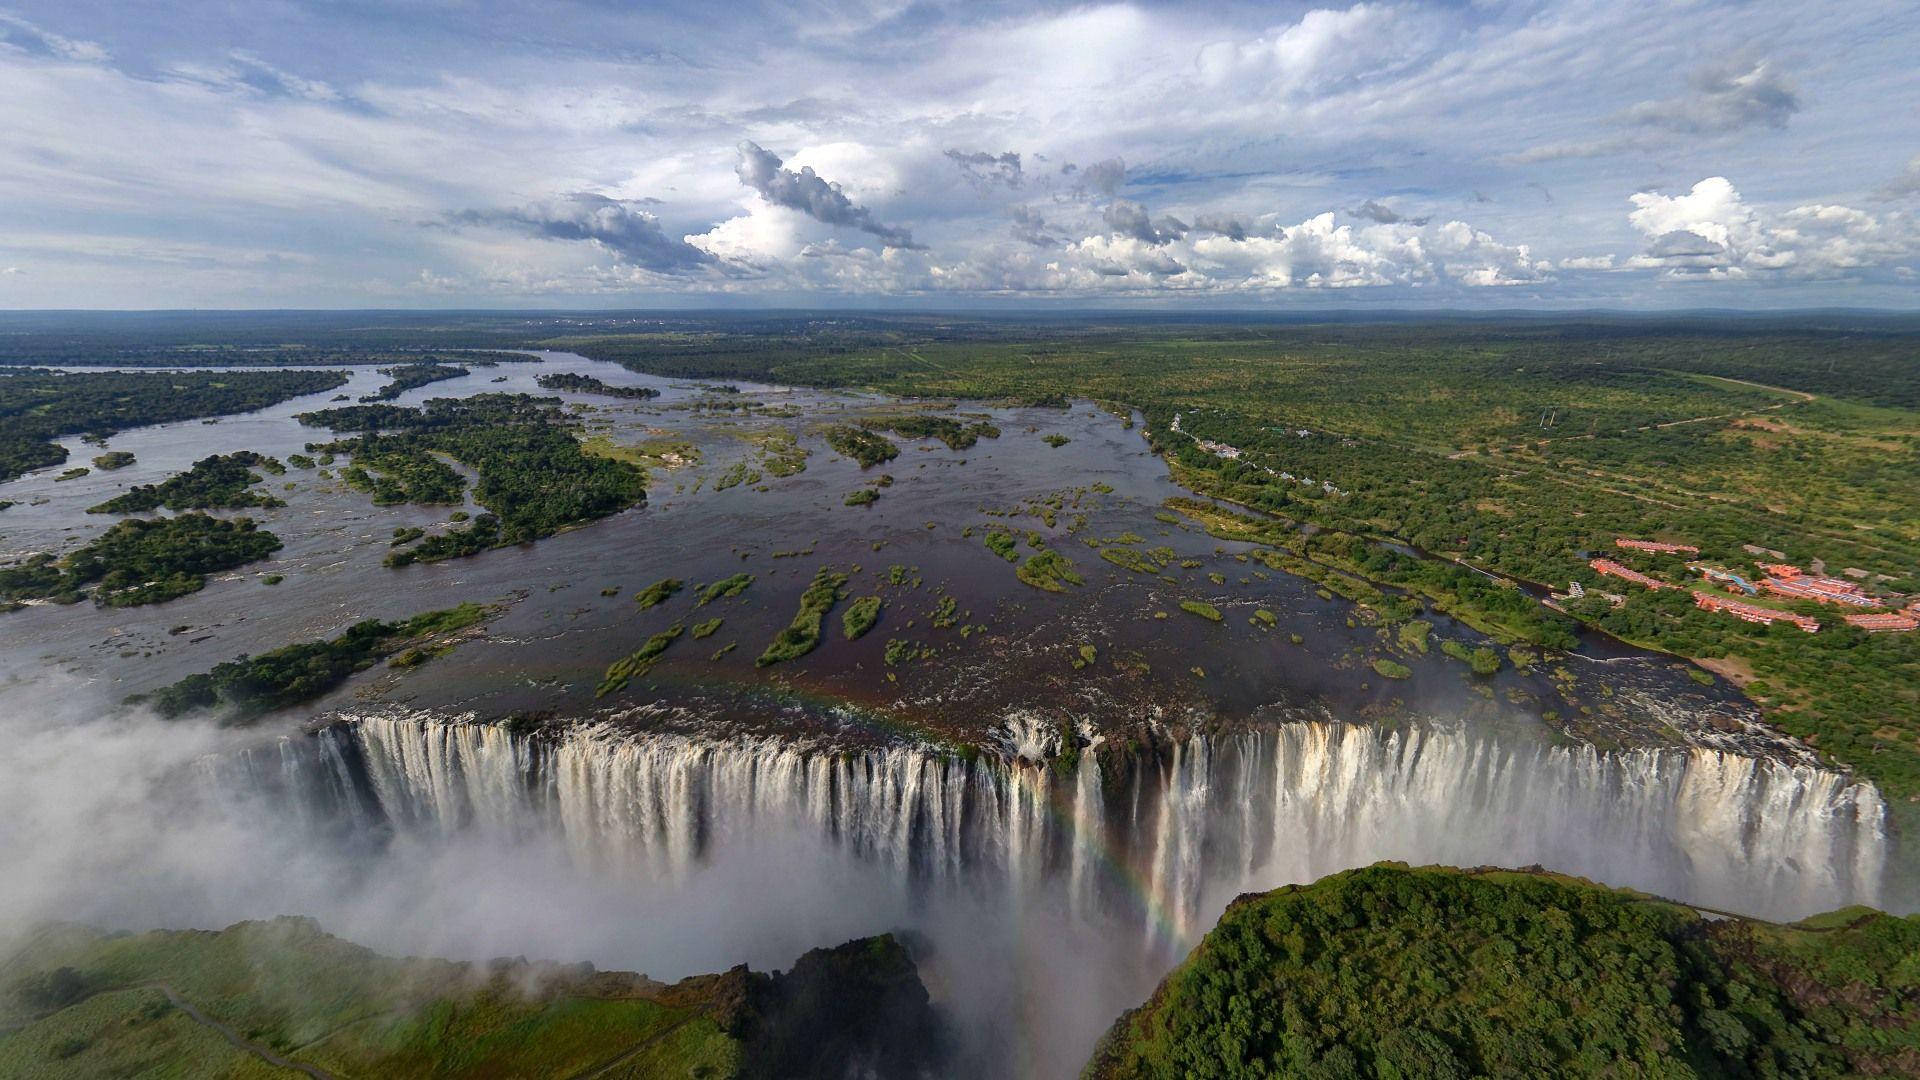 Victoria Falls Zimbabwe and Zambia Most Beautiful 1920x1080